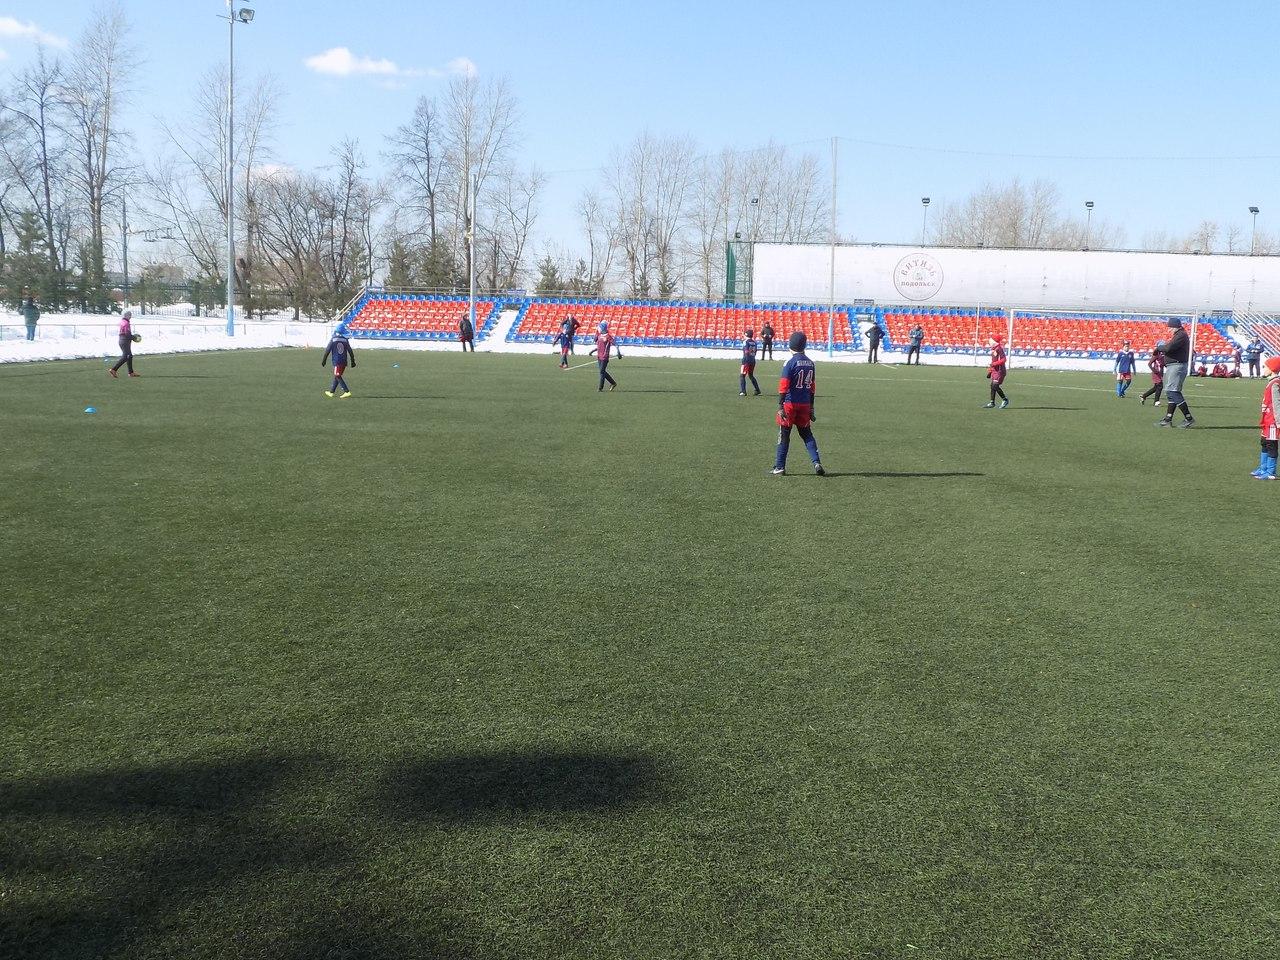 Итоги первого игрового дня турнира по футболу«Весенний Кубок Подольска-2018» среди детских команд 2008 г.р.